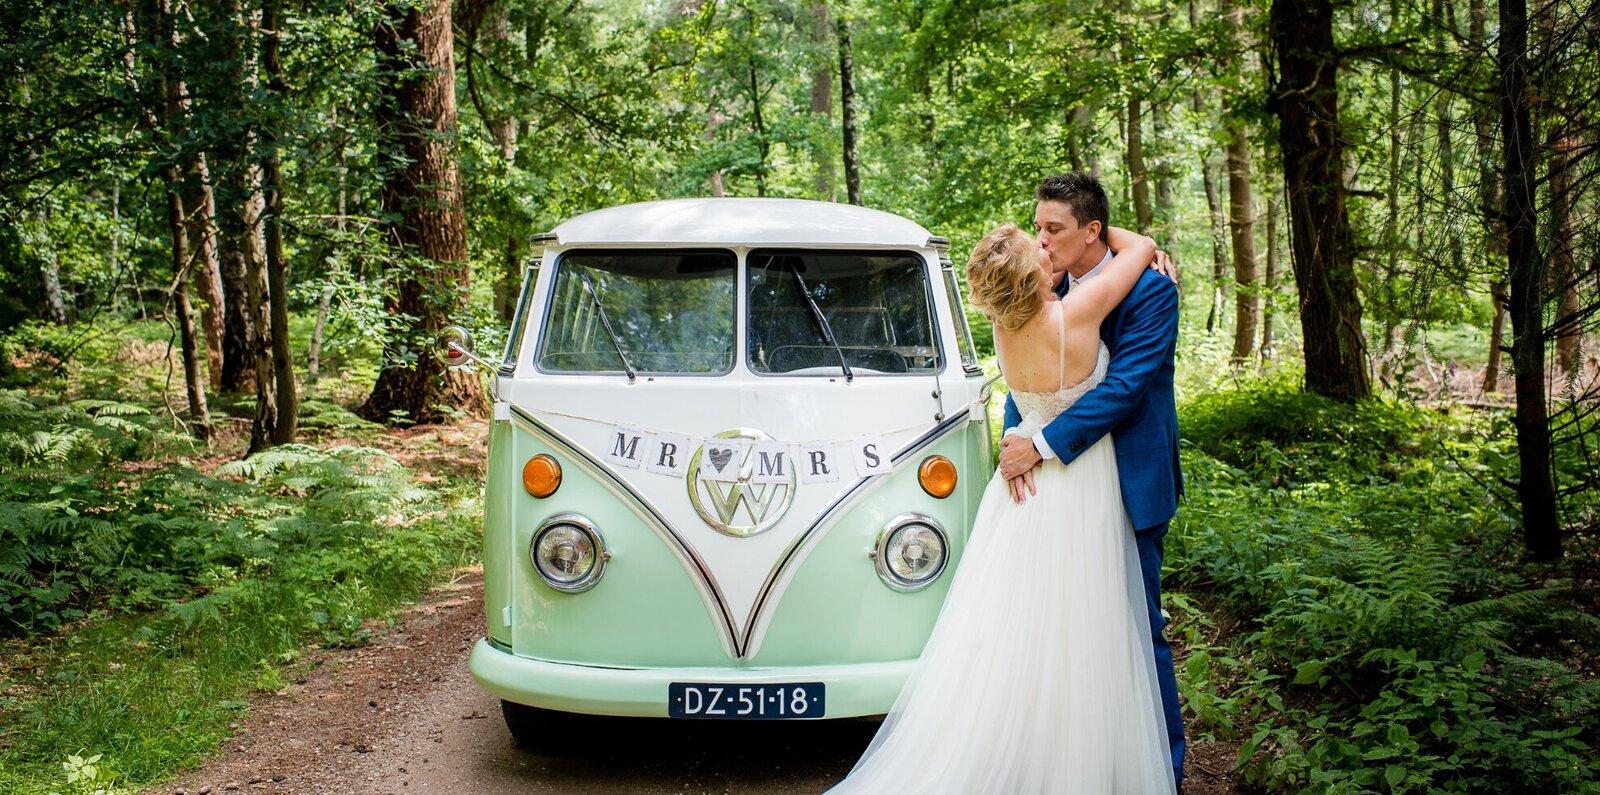 Willen jullie trouwen in het Amsterdamse bos? Groen Trouwen heeft zo'n trouwlocatie voor een echte bosbruiloft.